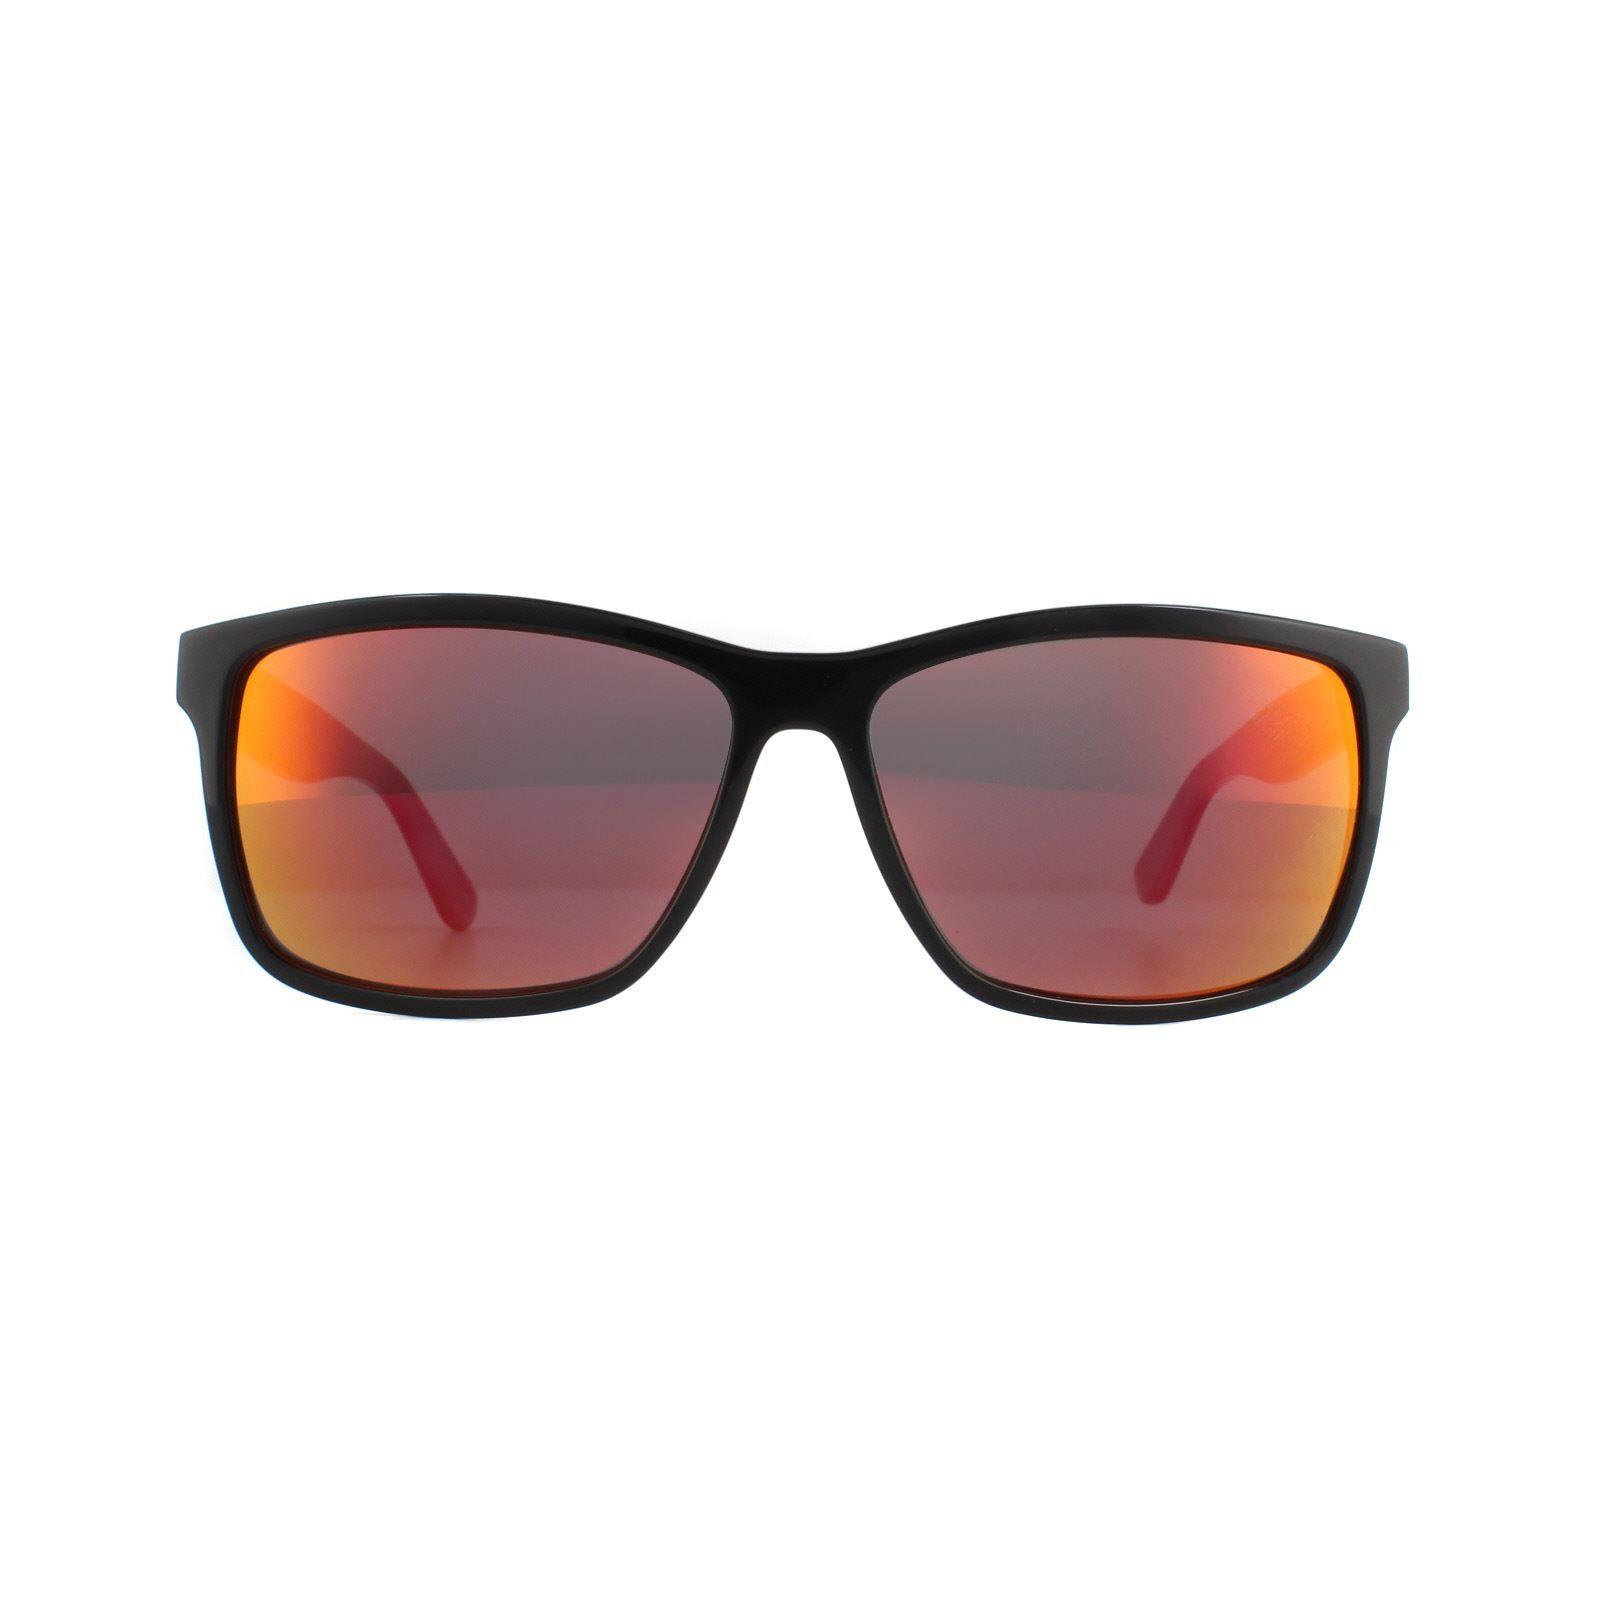 Lacoste Sunglasses L705S 003 Black Grey Red Mirror